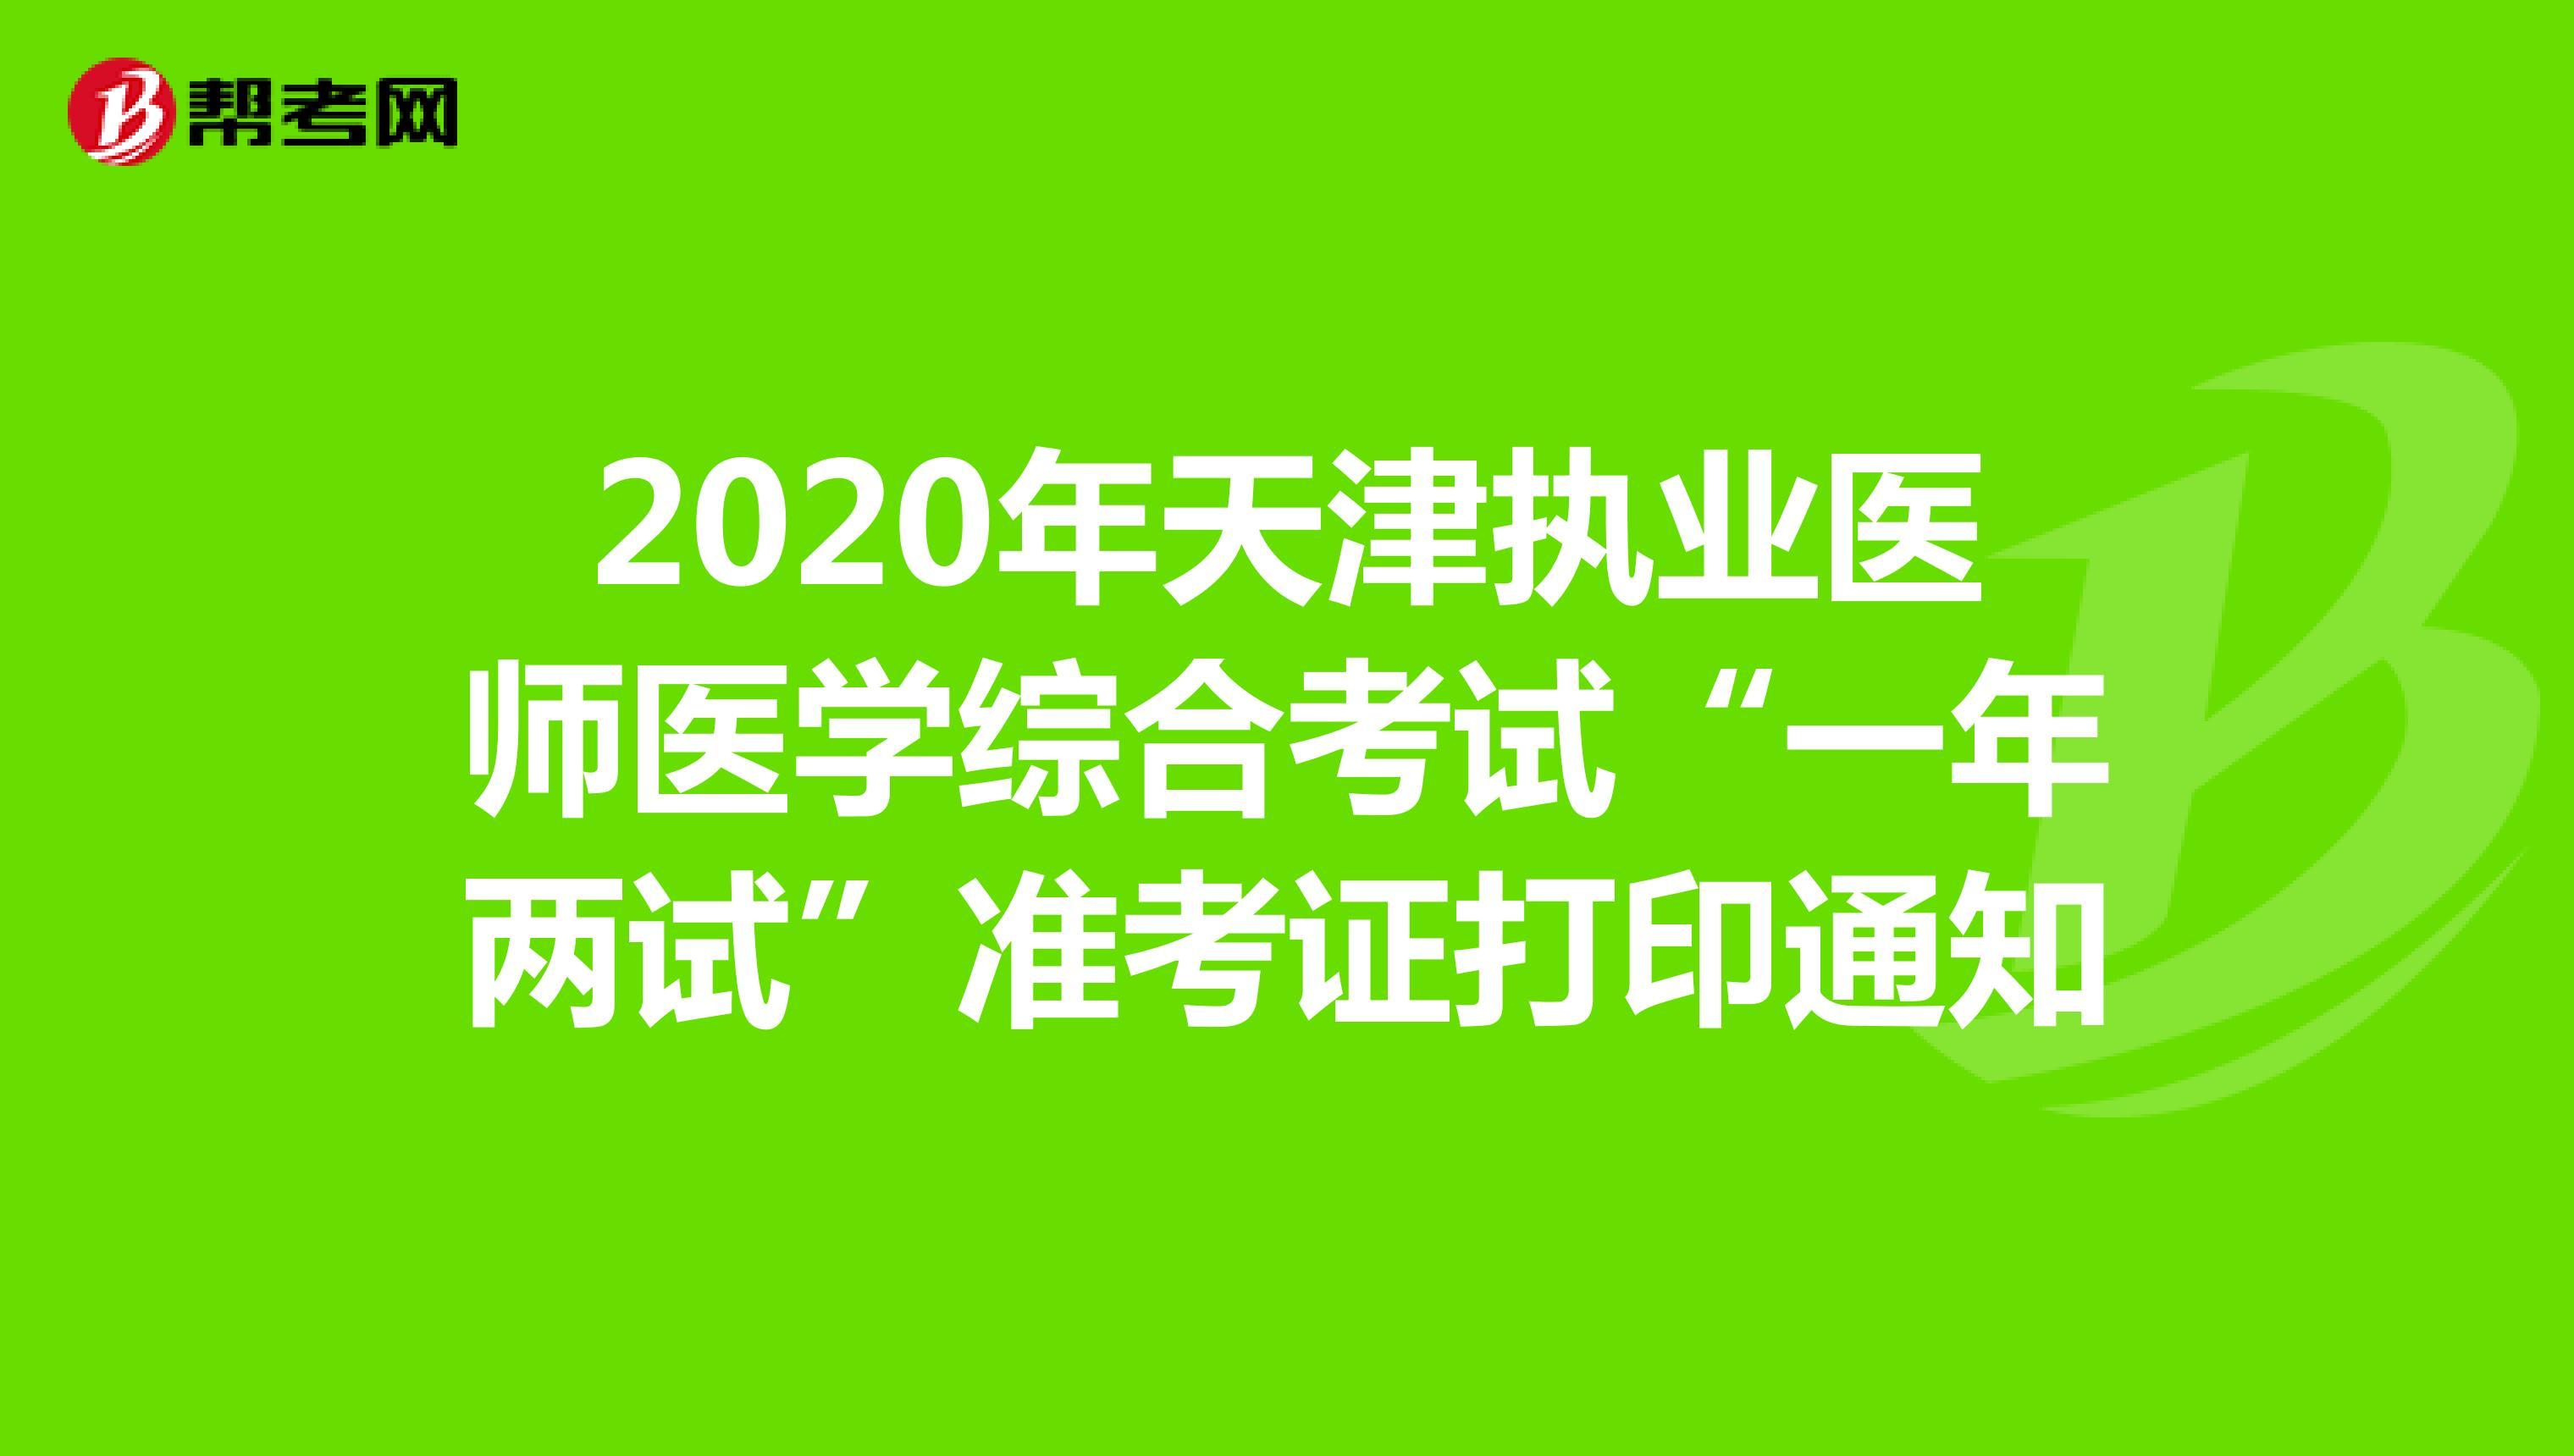 """2020年雷火雷火医学综合雷火""""一年两试""""雷火雷火通知"""